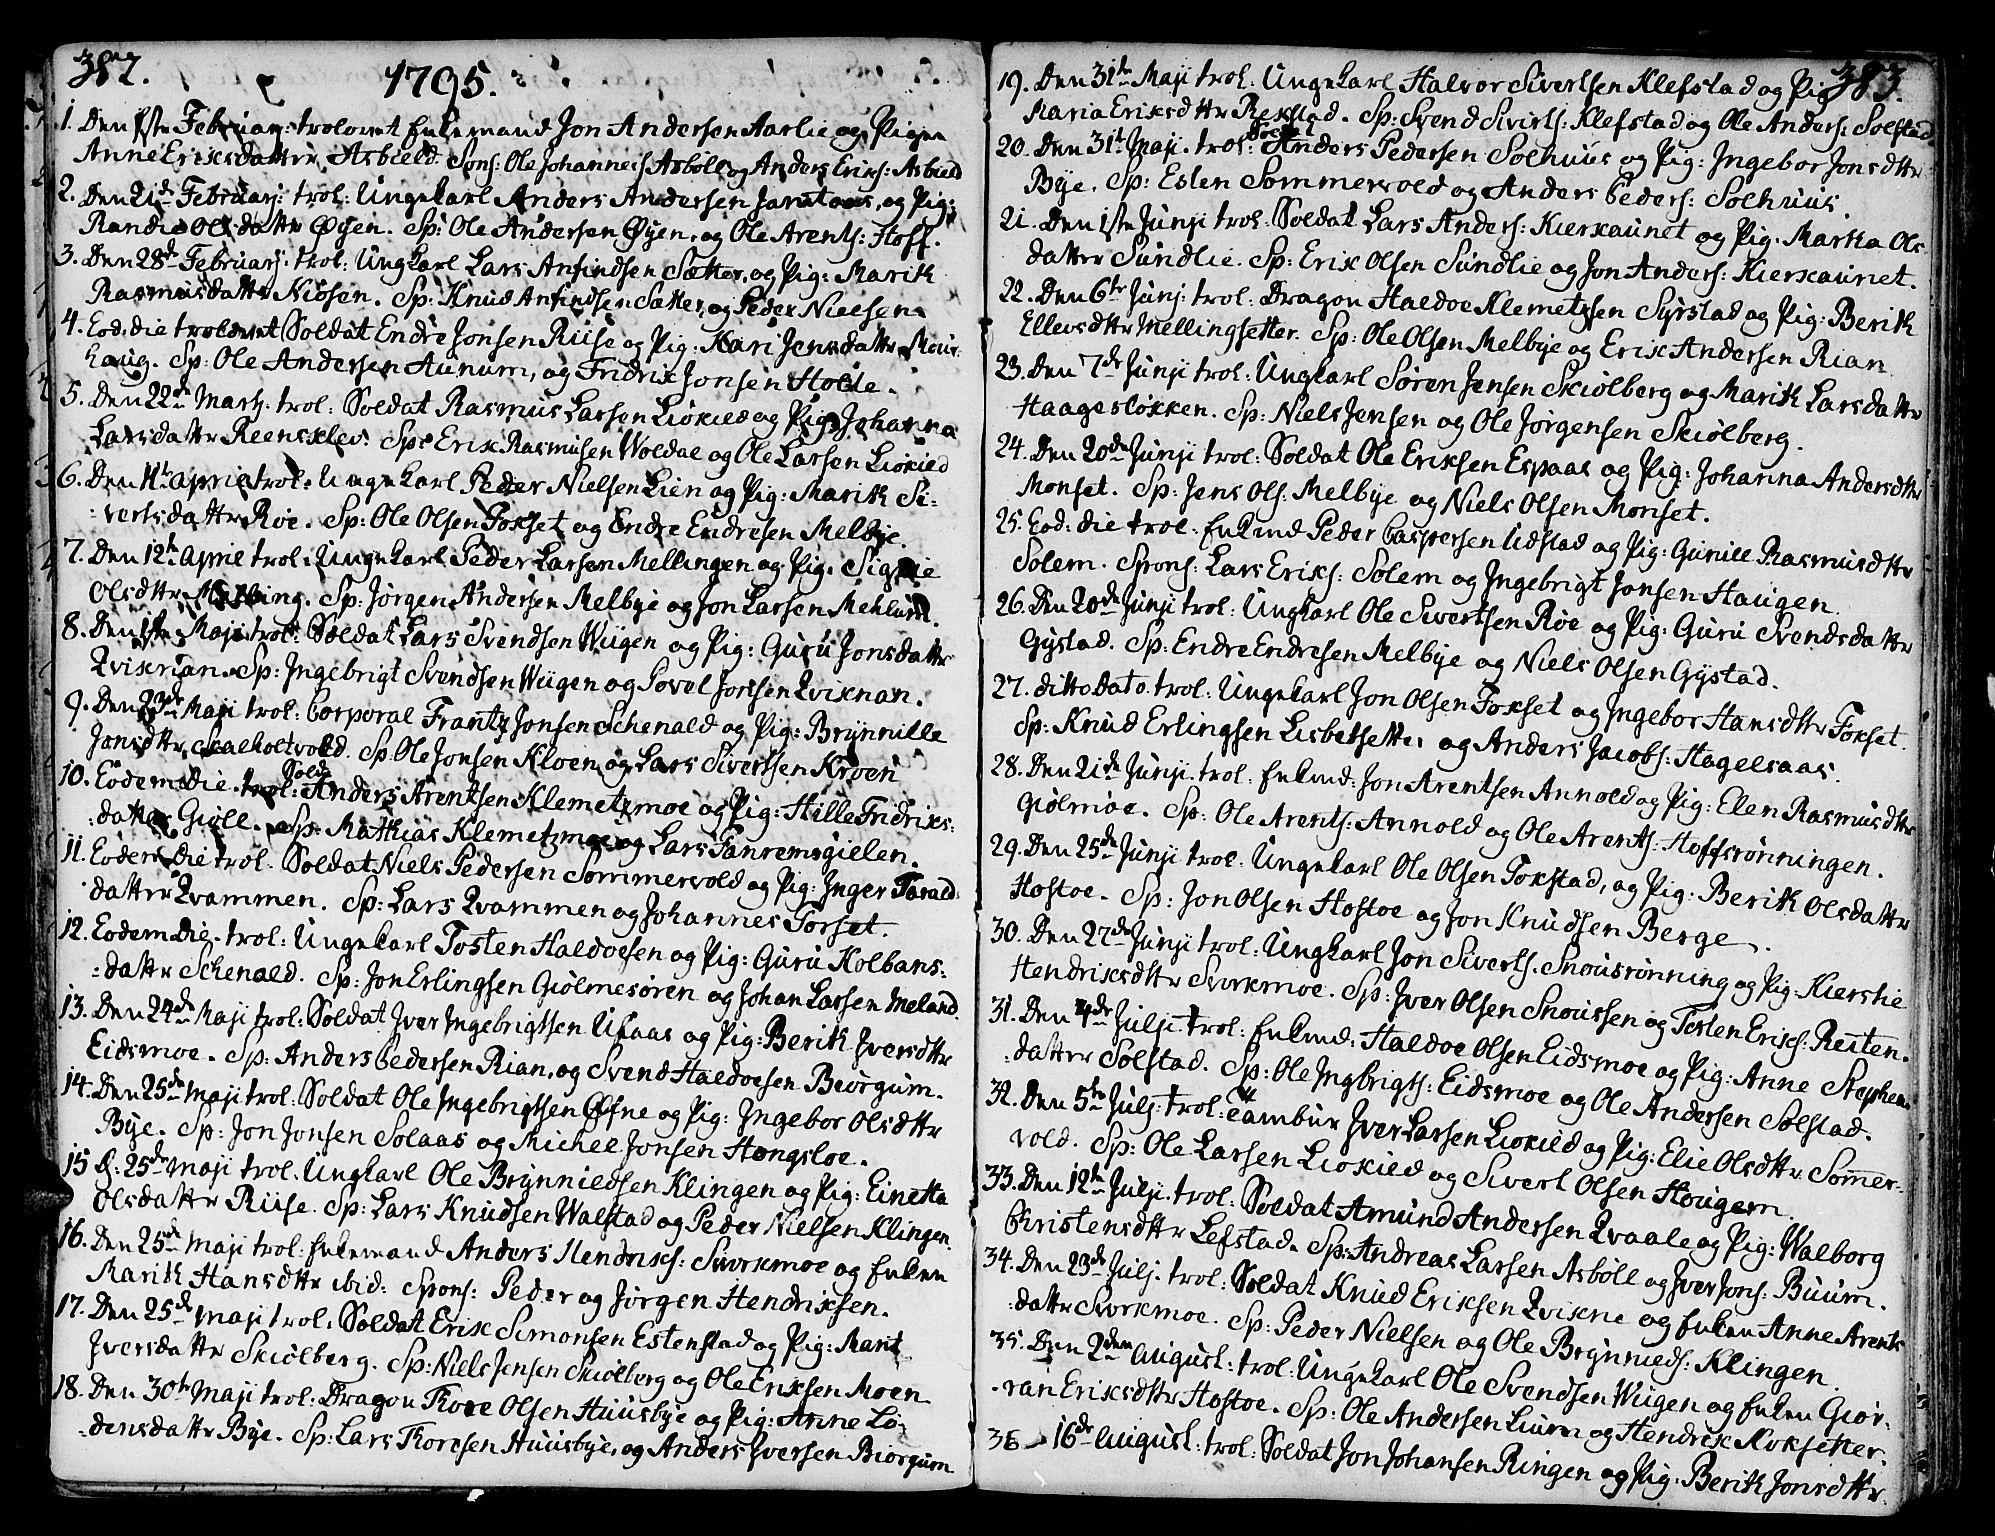 SAT, Ministerialprotokoller, klokkerbøker og fødselsregistre - Sør-Trøndelag, 668/L0802: Ministerialbok nr. 668A02, 1776-1799, s. 382-383